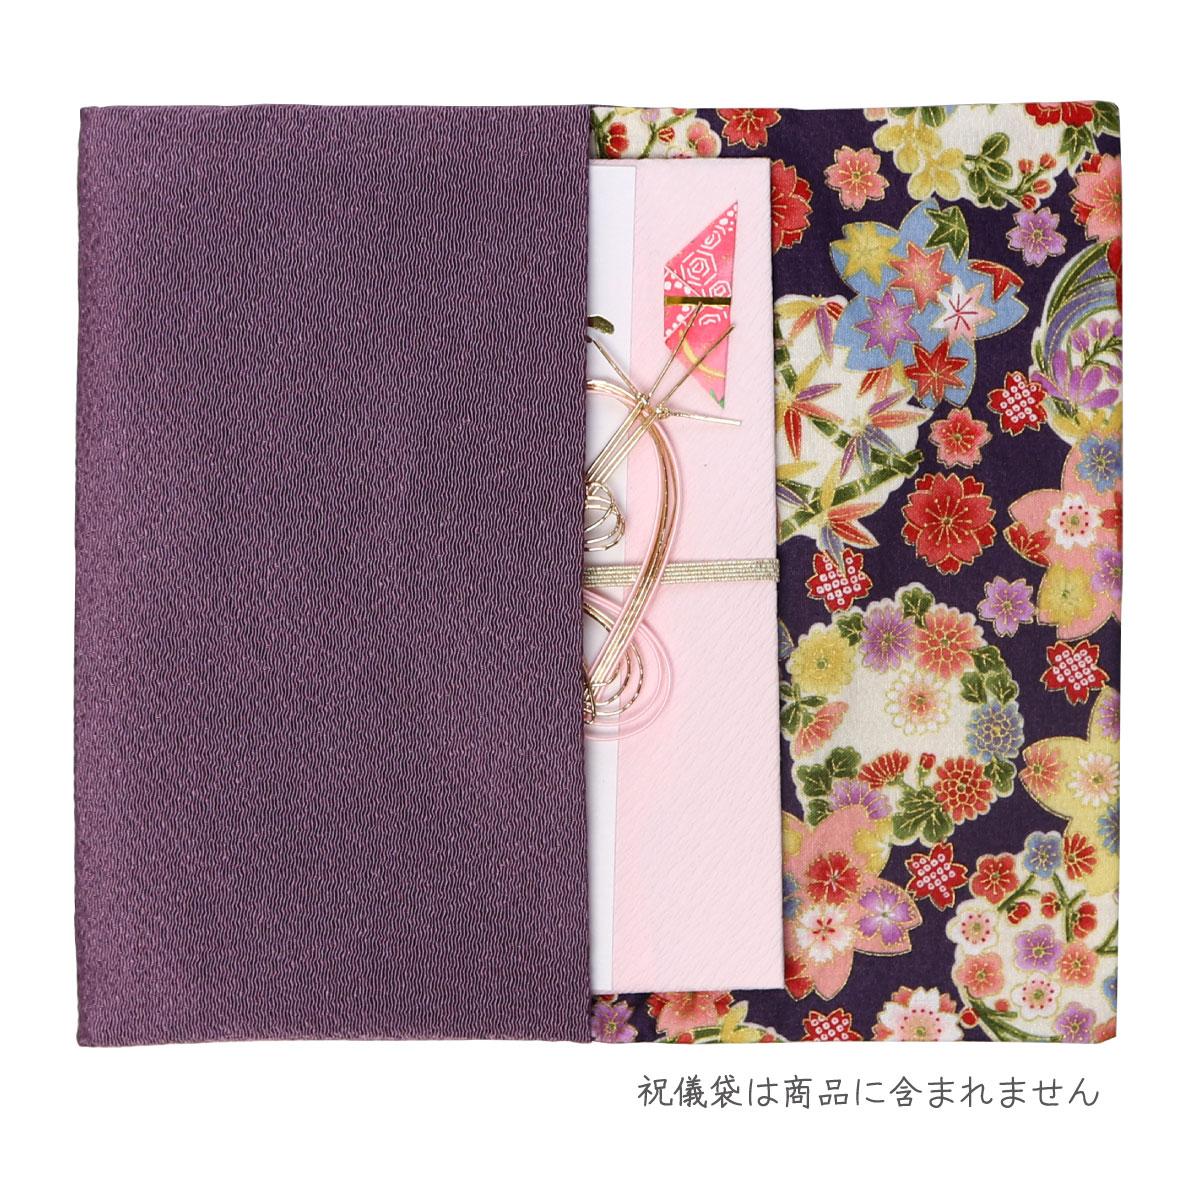 【金封ふくさ】四季彩爛漫/藤